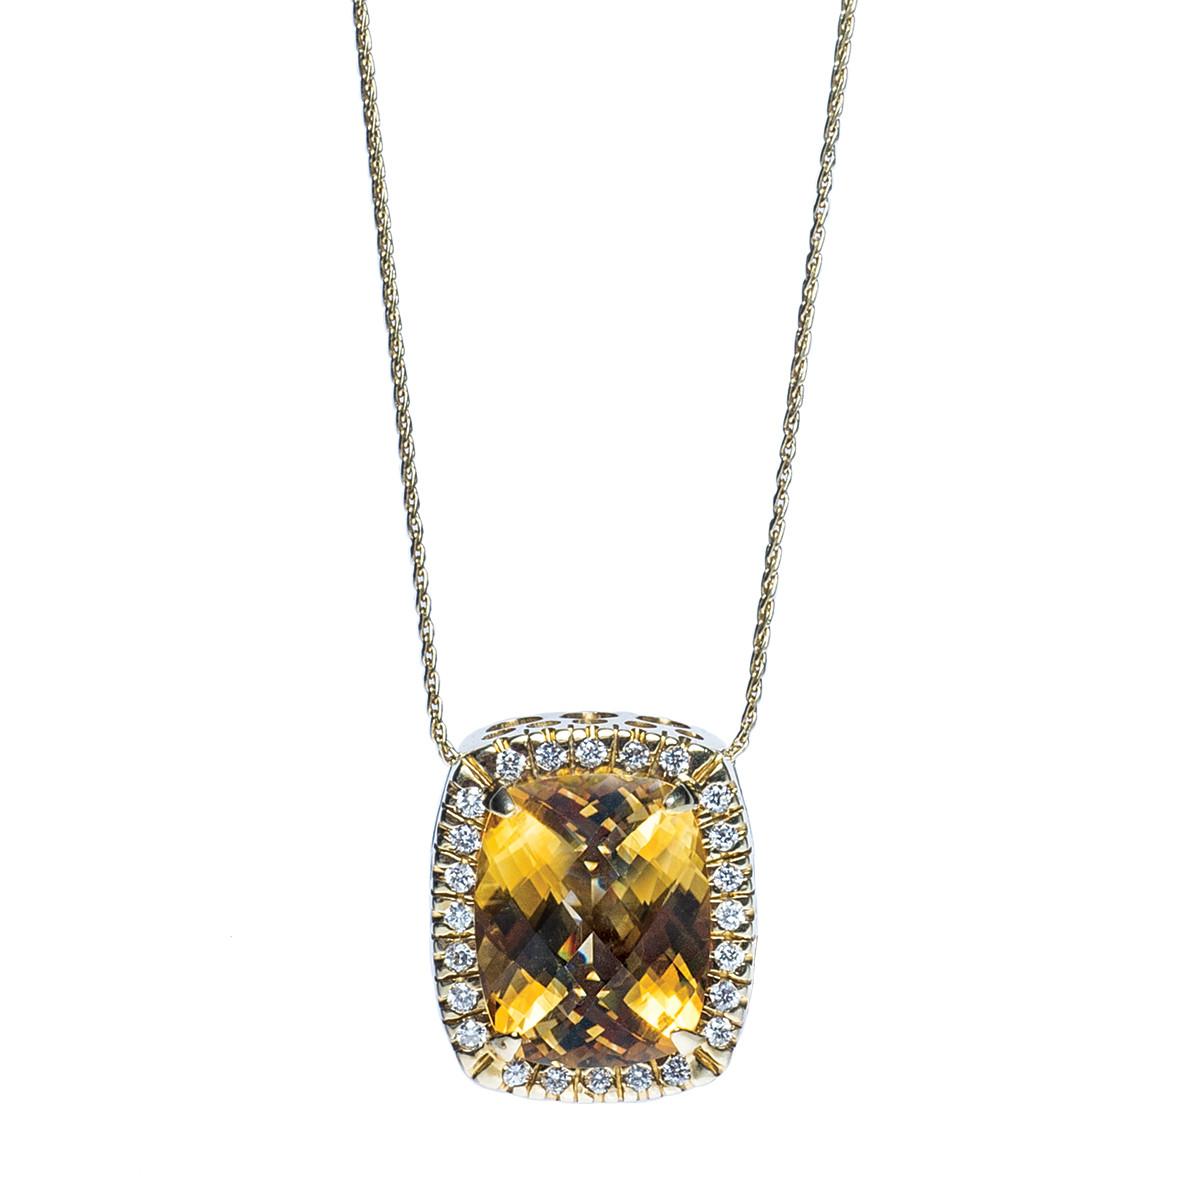 Vintage Diamond & Citrine Pendant